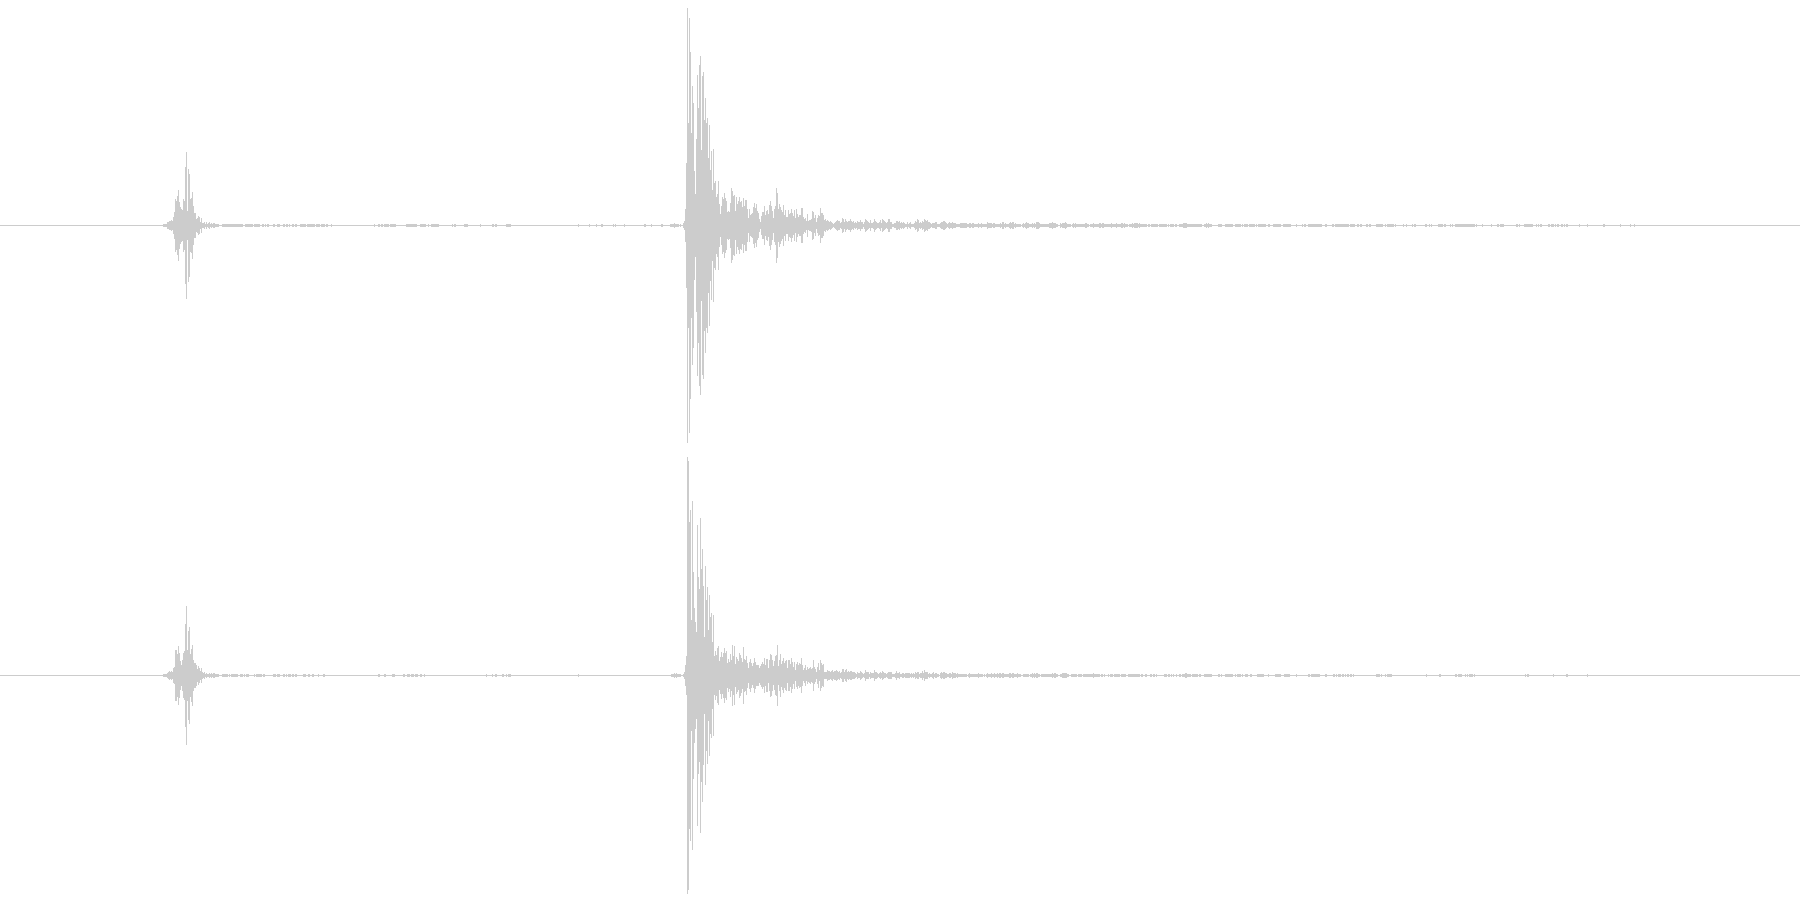 ゲームの効果音 カタッの未再生の波形